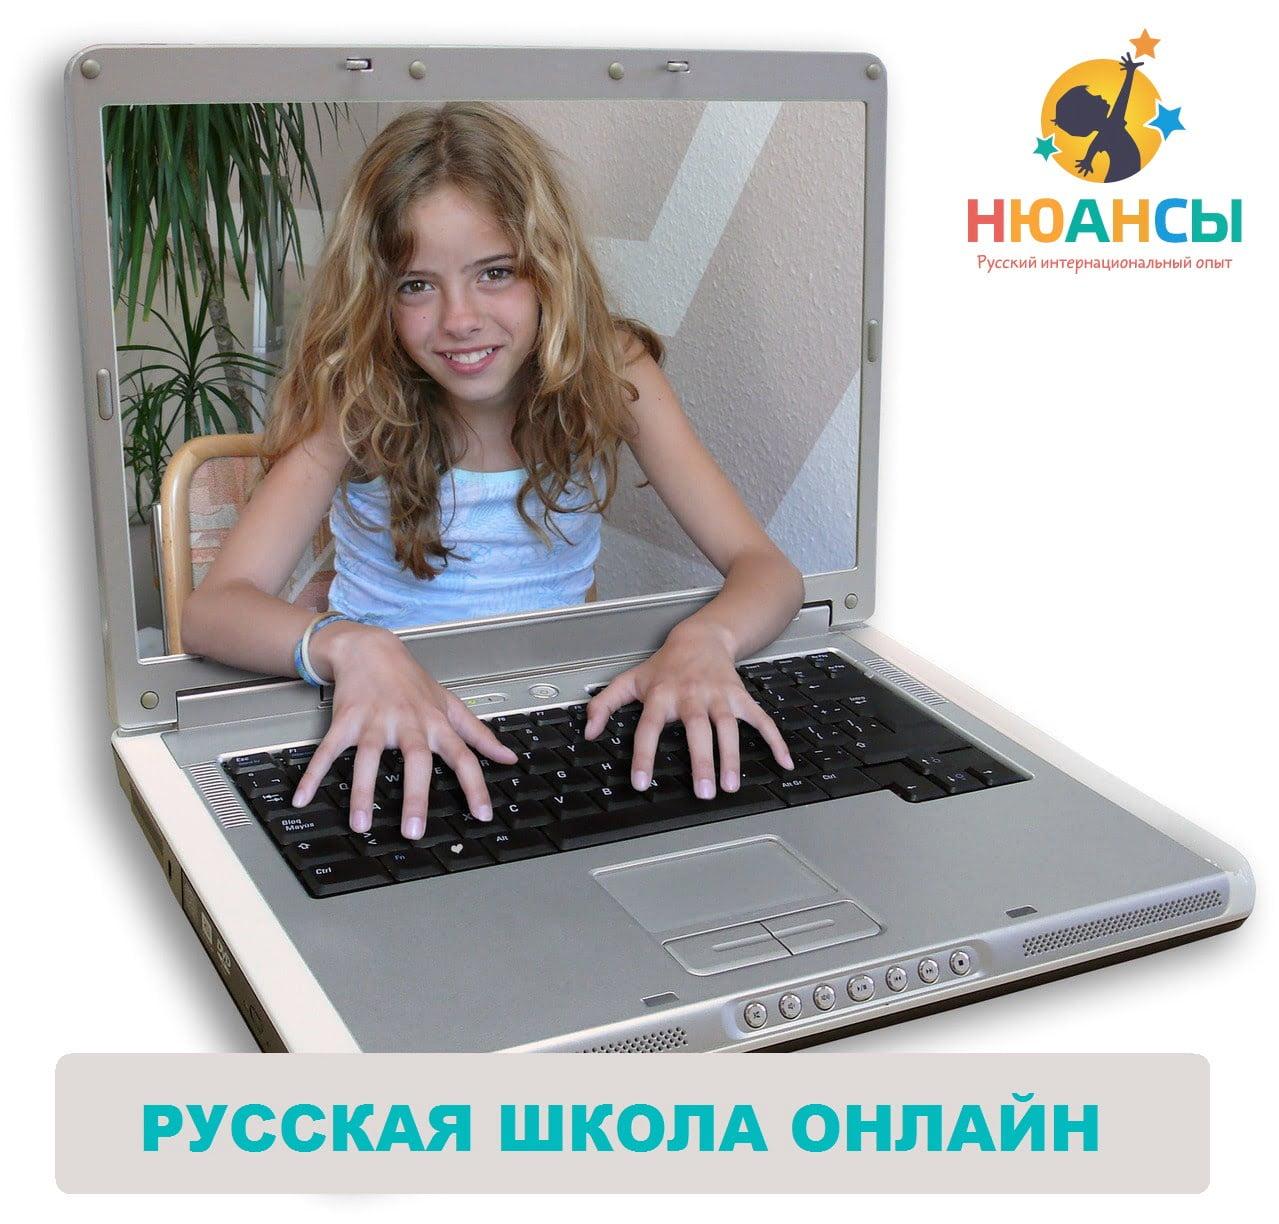 Русская школа онлайн